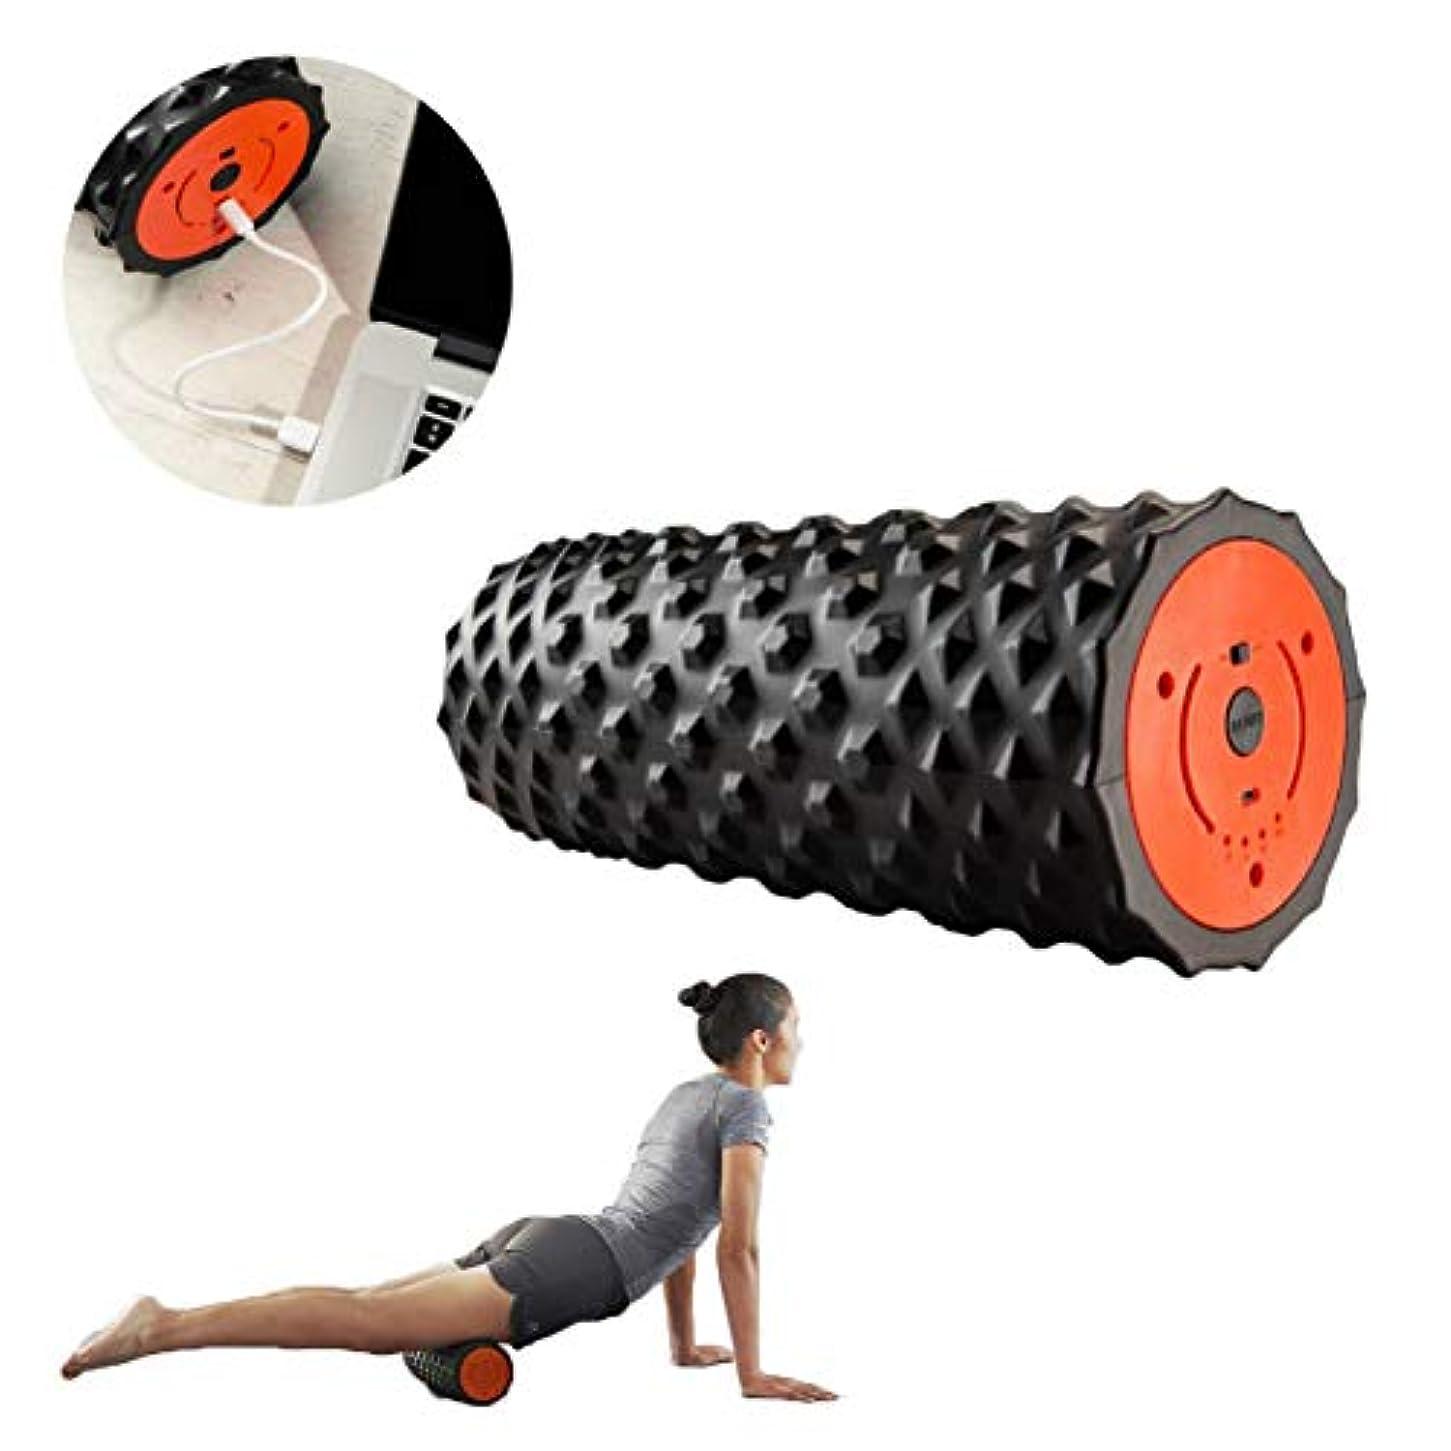 すずめ繁栄むしゃむしゃフォームローラー 電気適性のマッサージャーは運動後の筋肉深いティッシュの制動機ポイントの処置のために再充電可能です